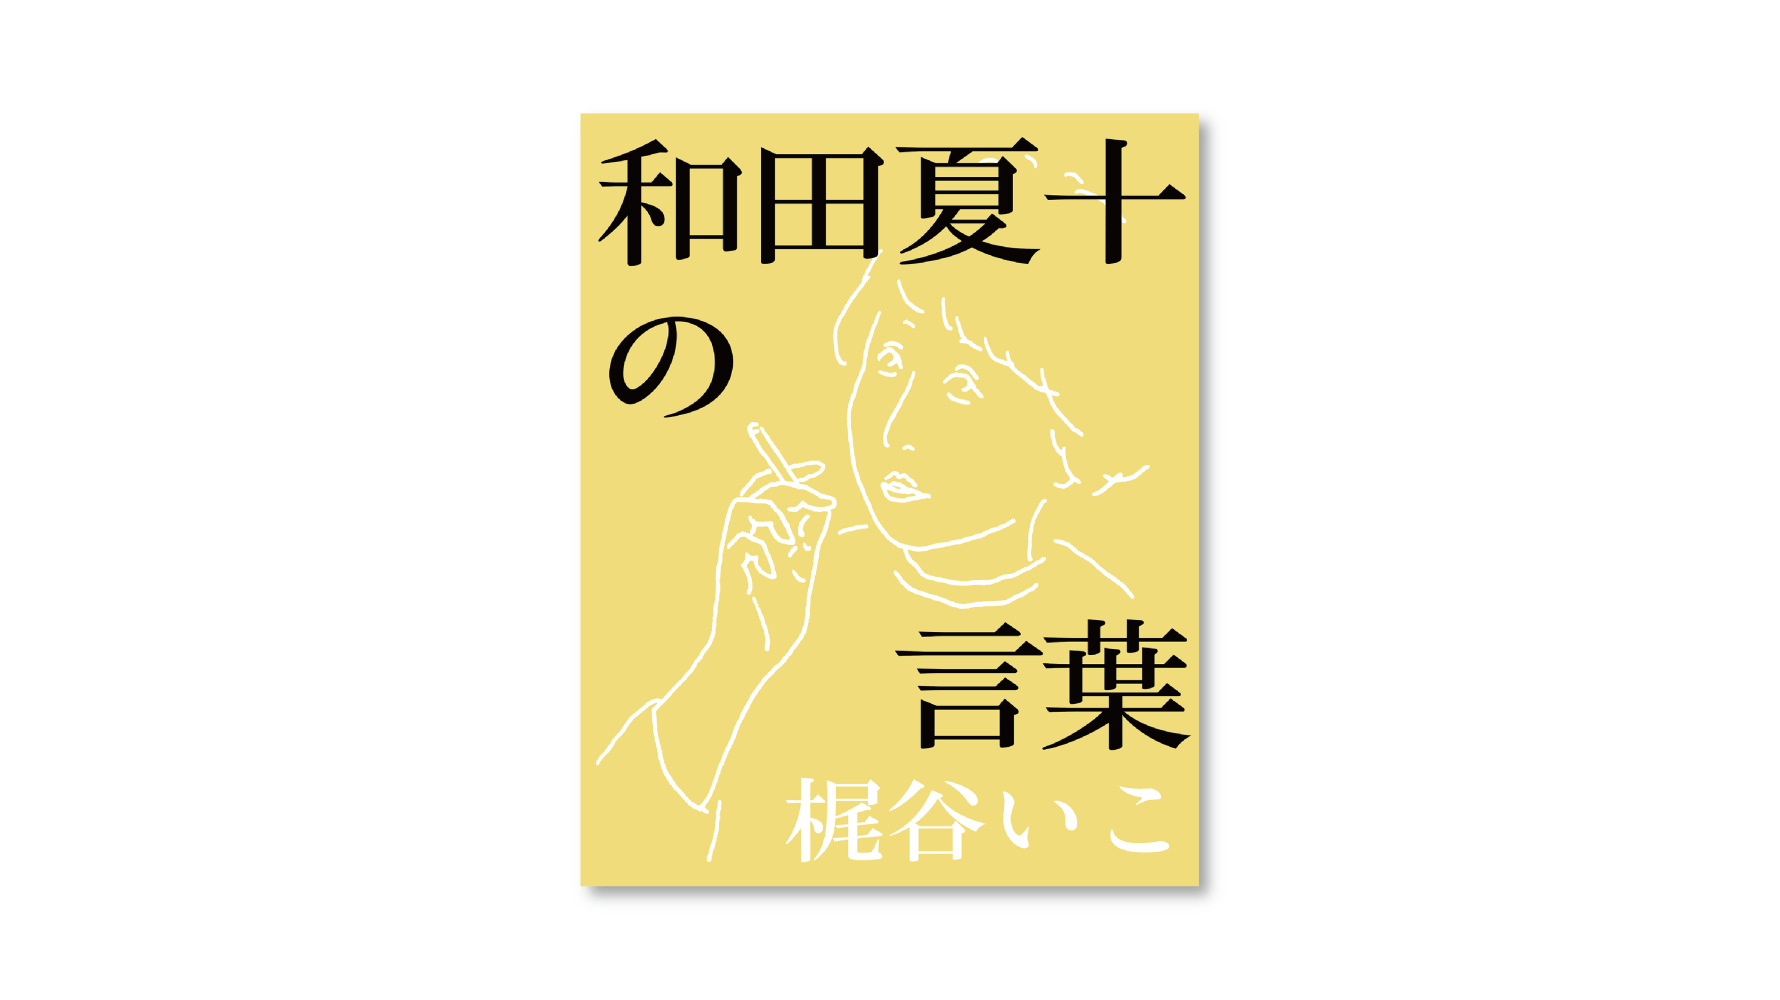 和田夏十の言葉